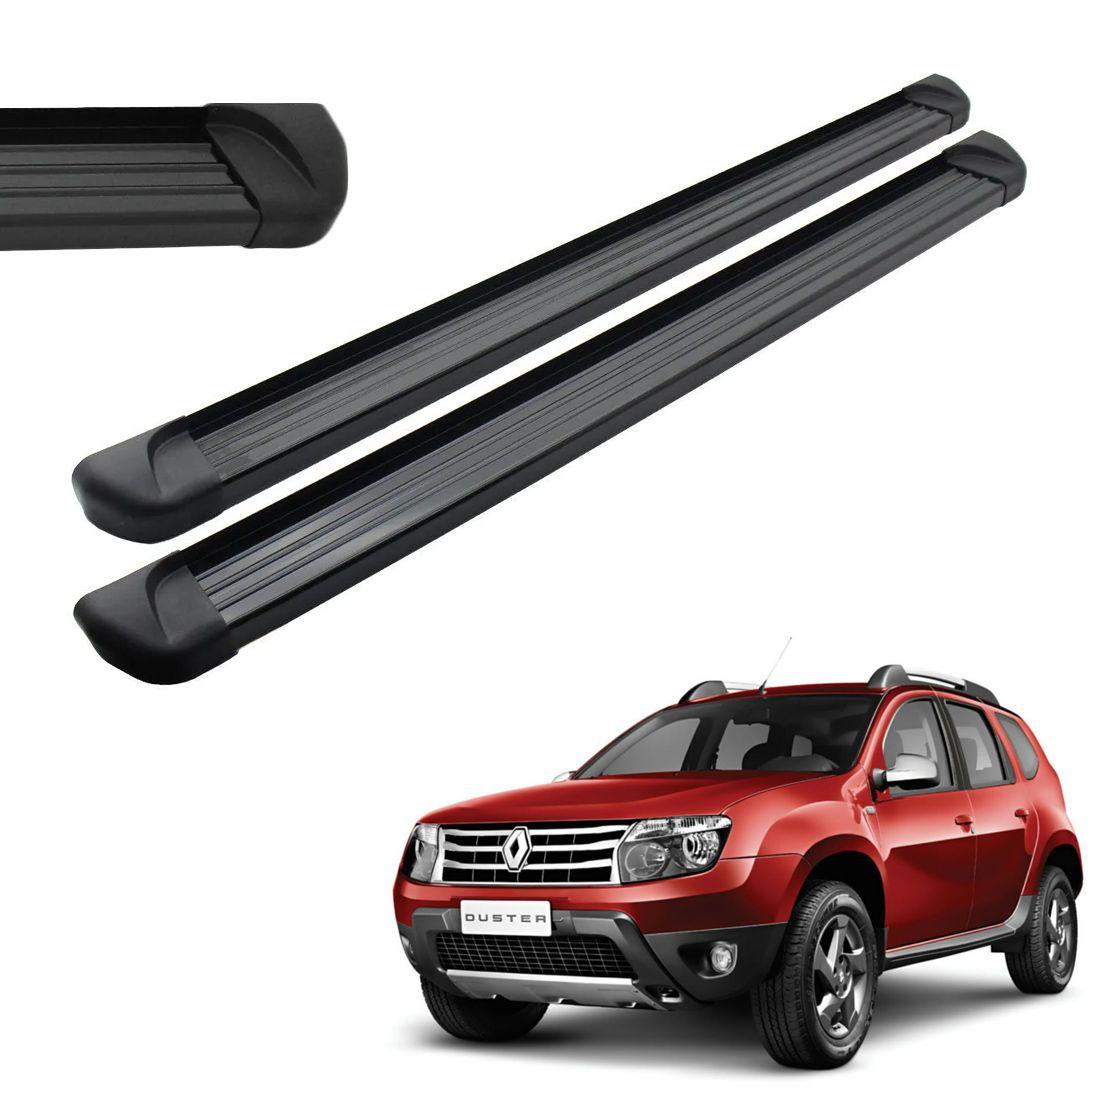 Estribo Lateral Aluminio Preto Renault Duster